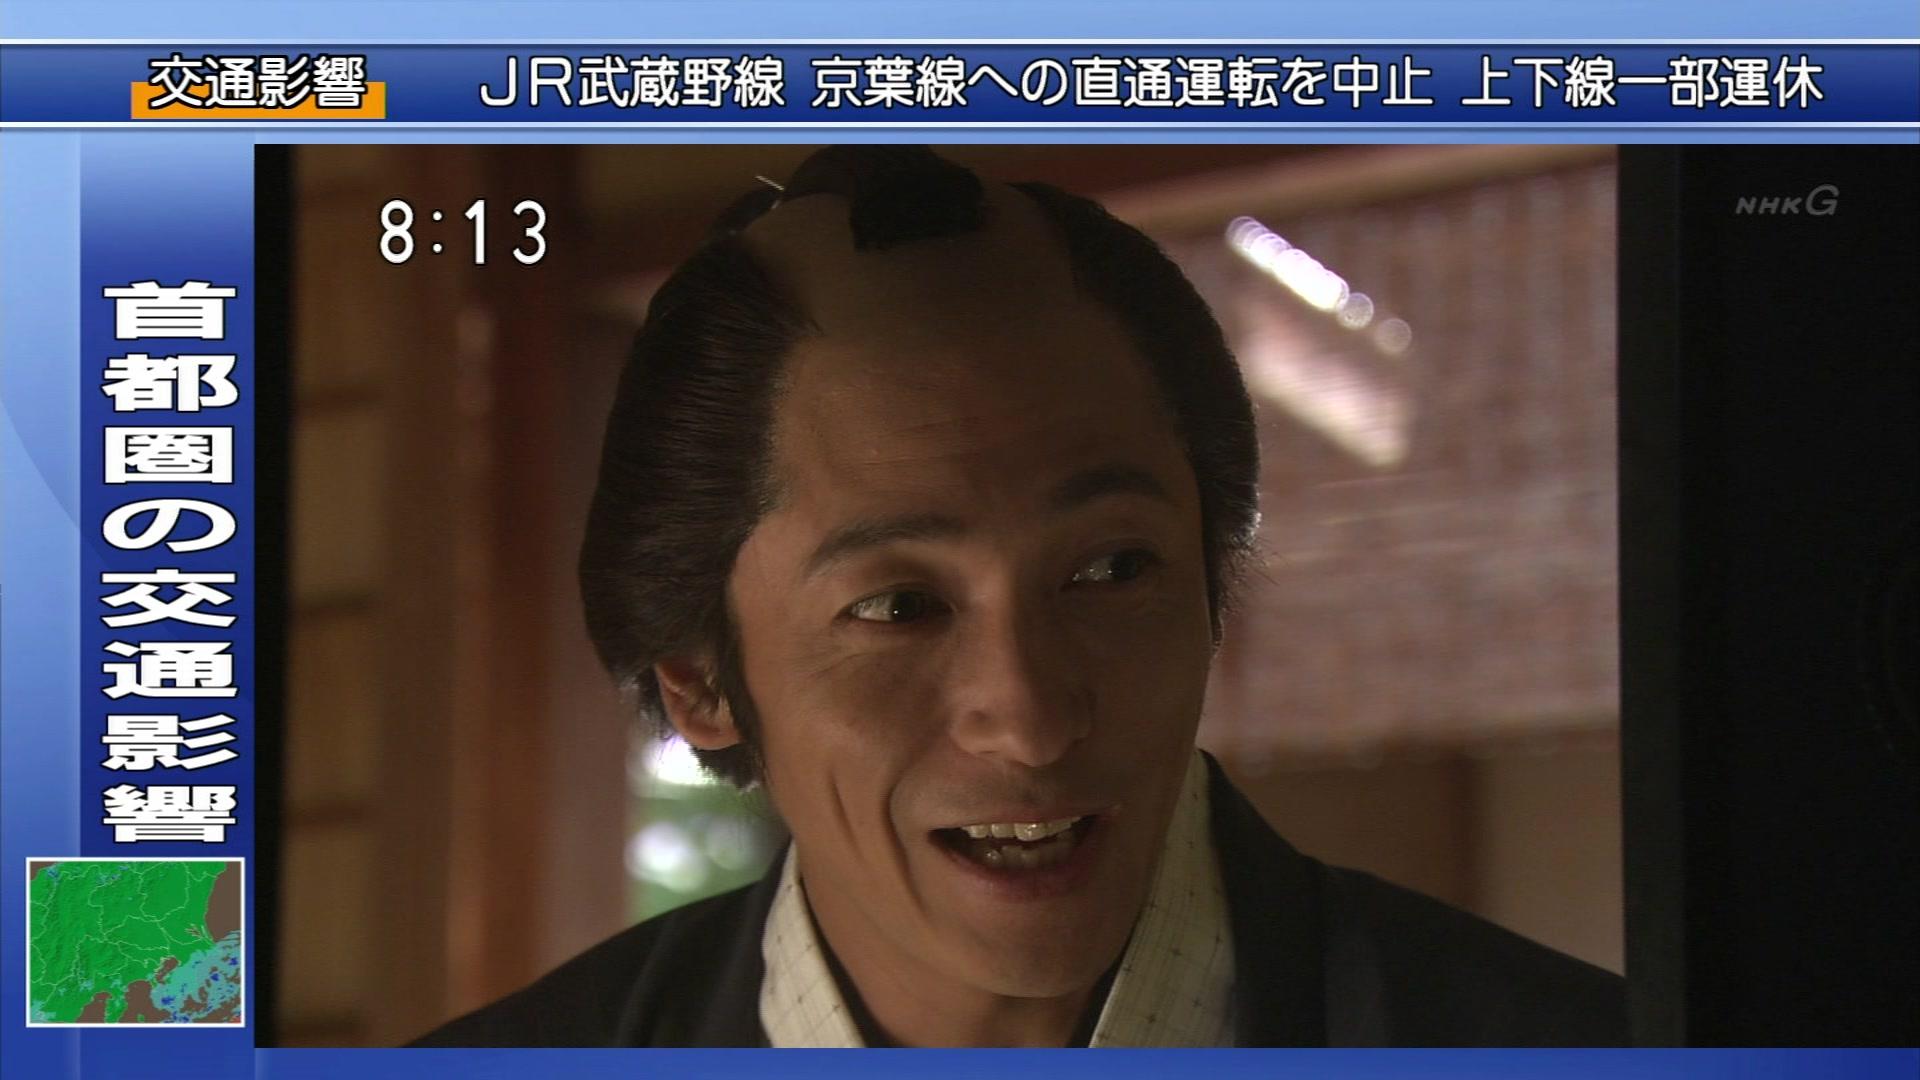 2015-10-02 08:00 連続テレビ小説 あさが来た(5)「小さな許嫁(いいなずけ)」 2547